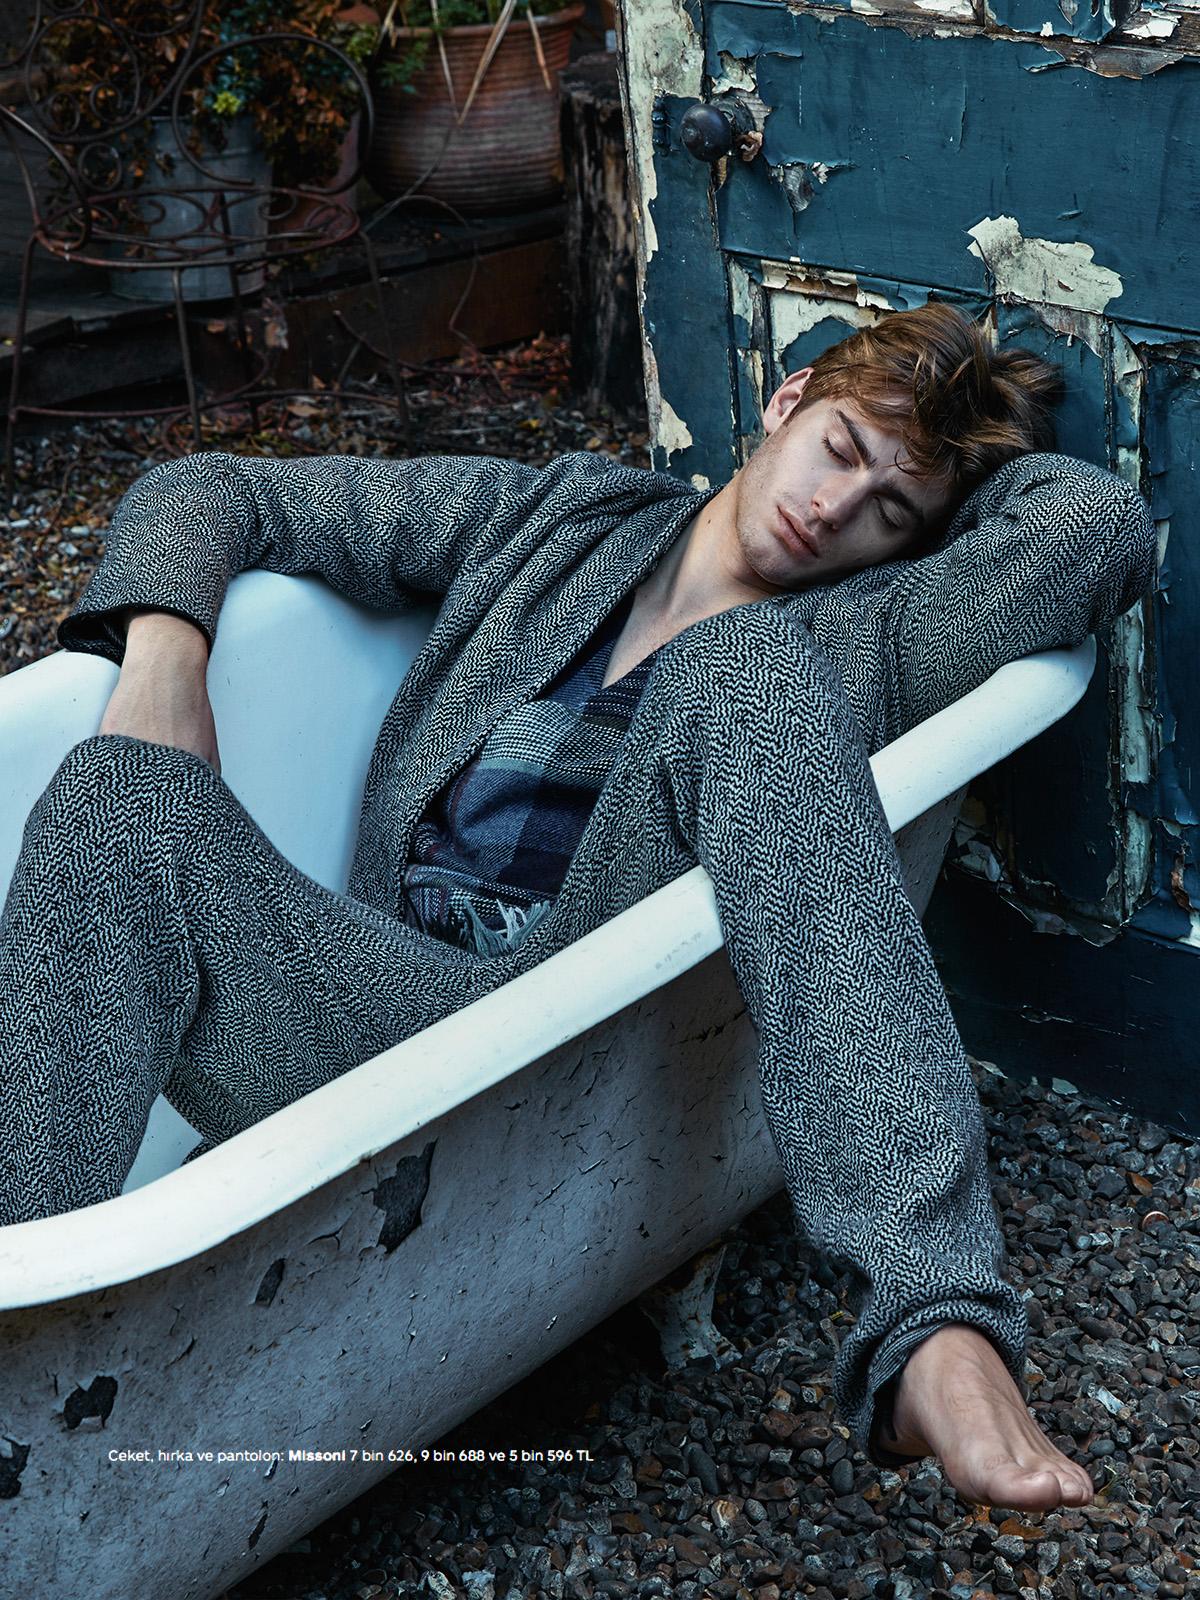 GQ Turkey: Ben Allen Models Pajama-Inspired Styles